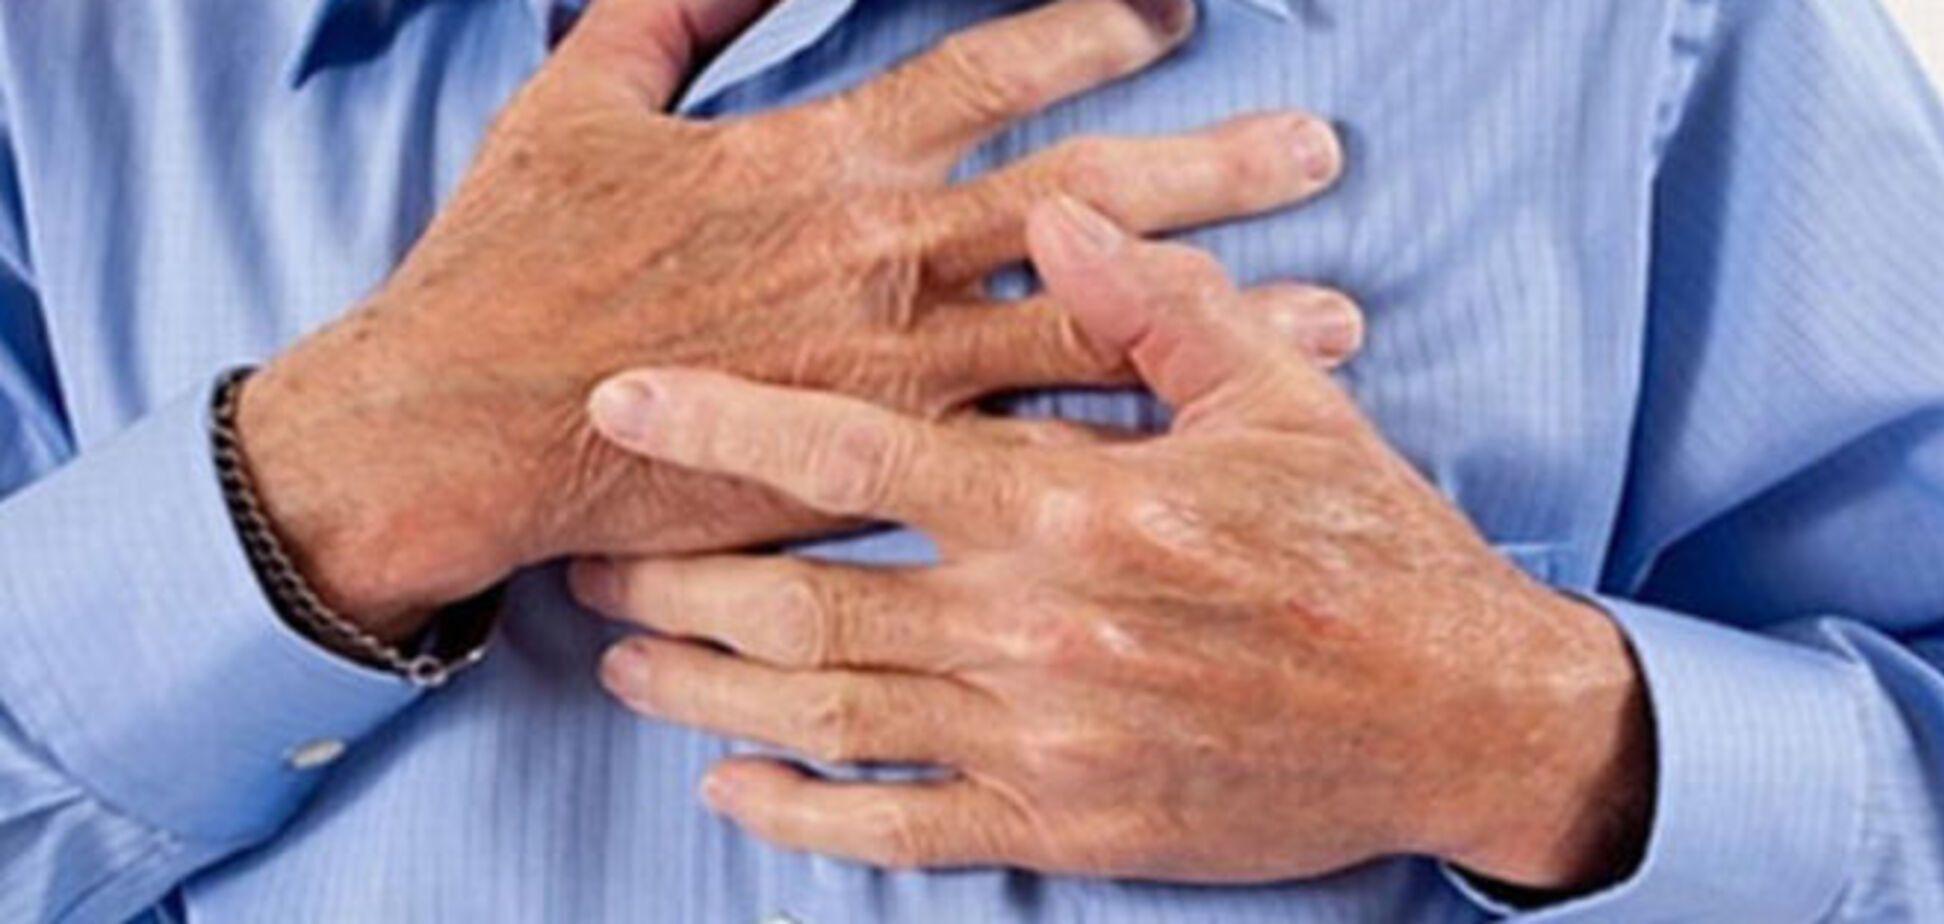 Ученые раскрыли главную причину, почему мужчины умирают раньше женщин